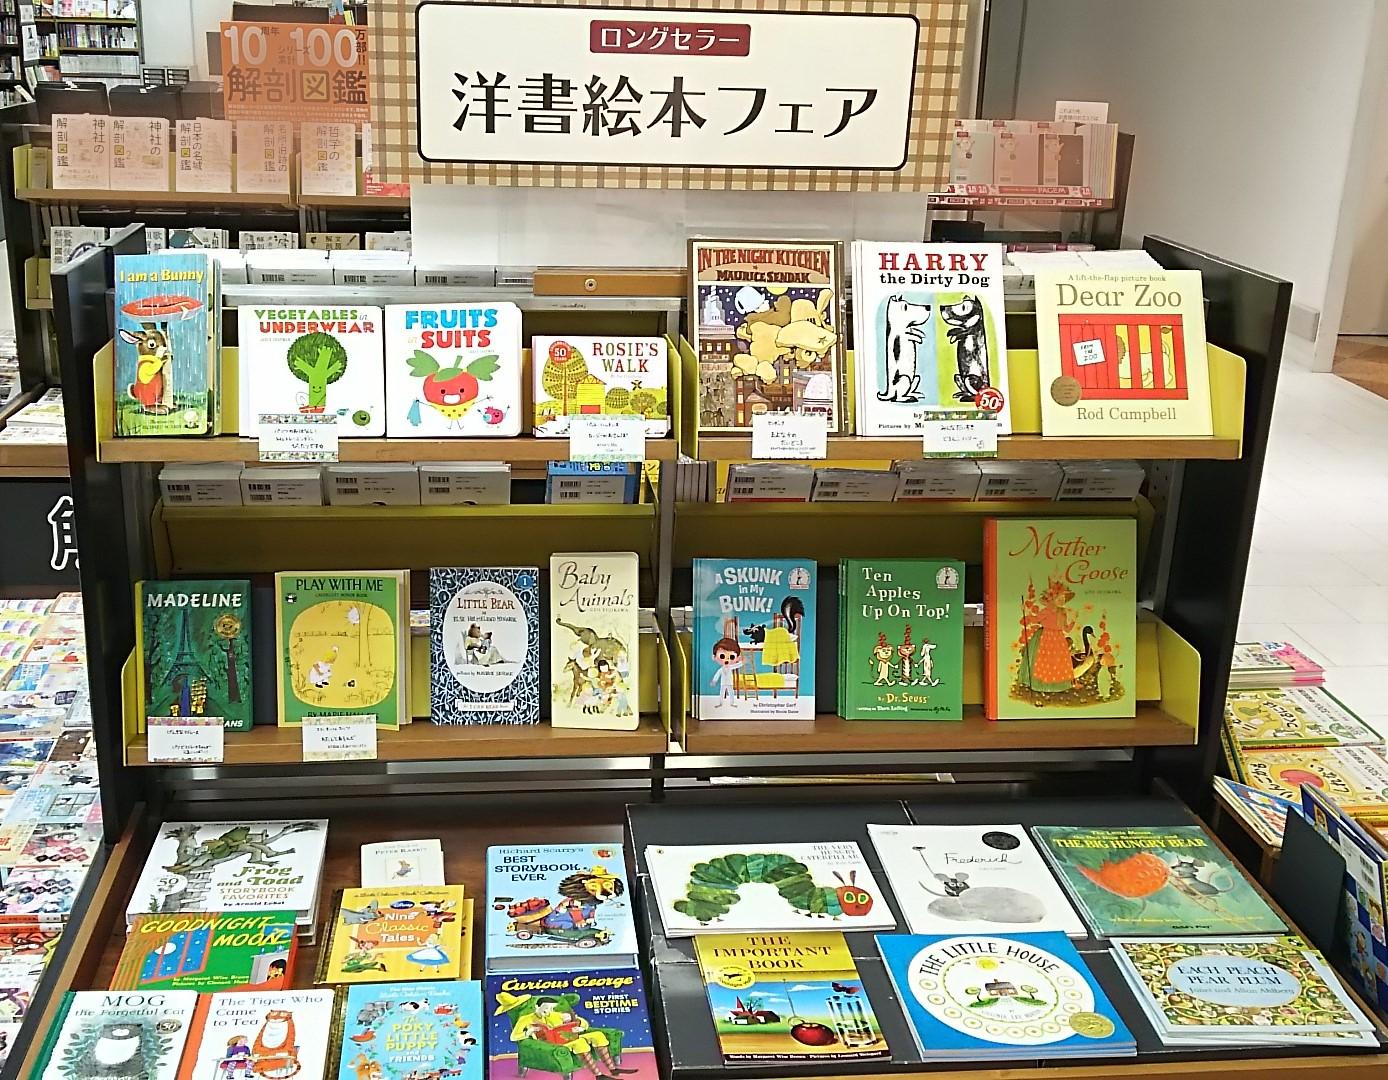 紀伊國屋書店:レトロ洋書絵本フェア